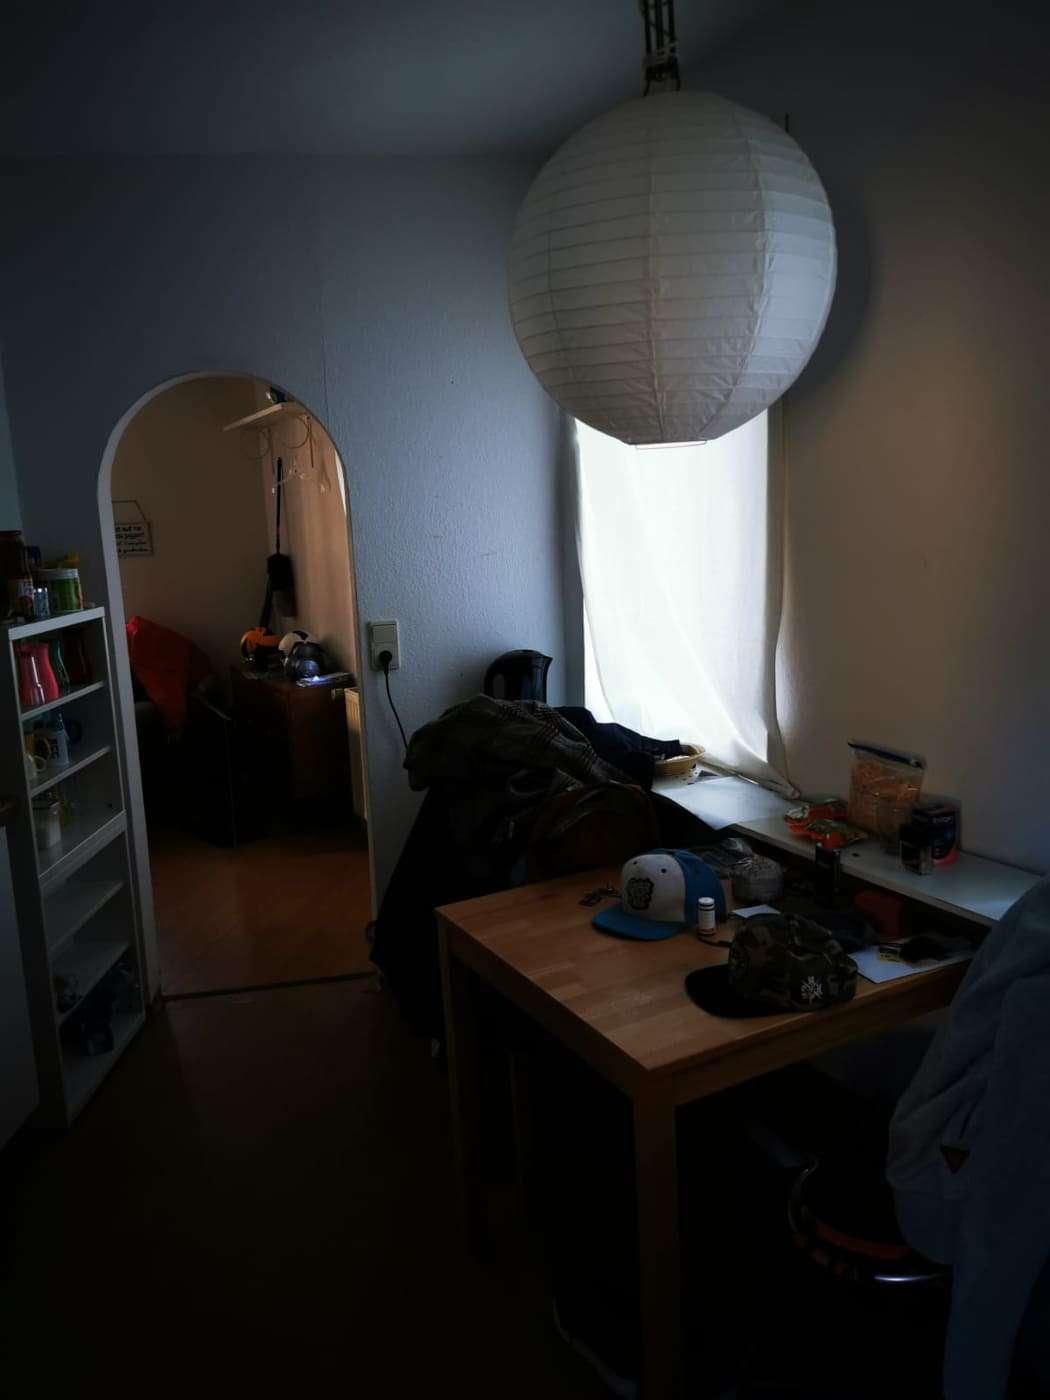 2-Zimmer-Wohnung in Coburg - Zentrum in Coburg-Zentrum (Coburg)